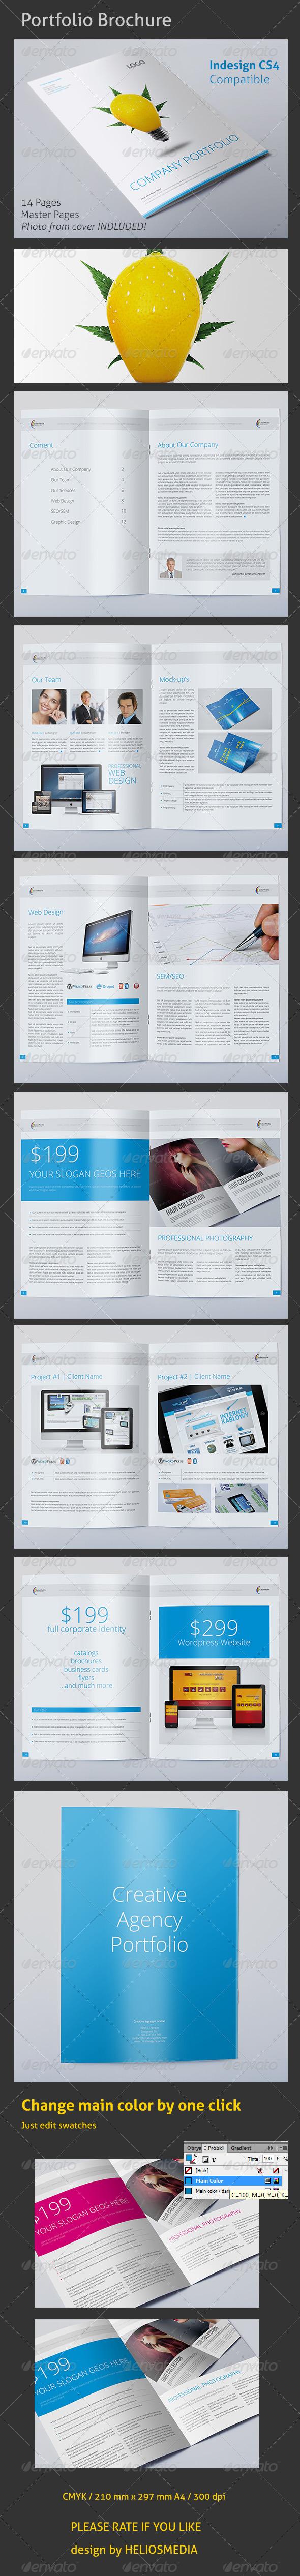 GraphicRiver Creative Agency Portfolio 3994533